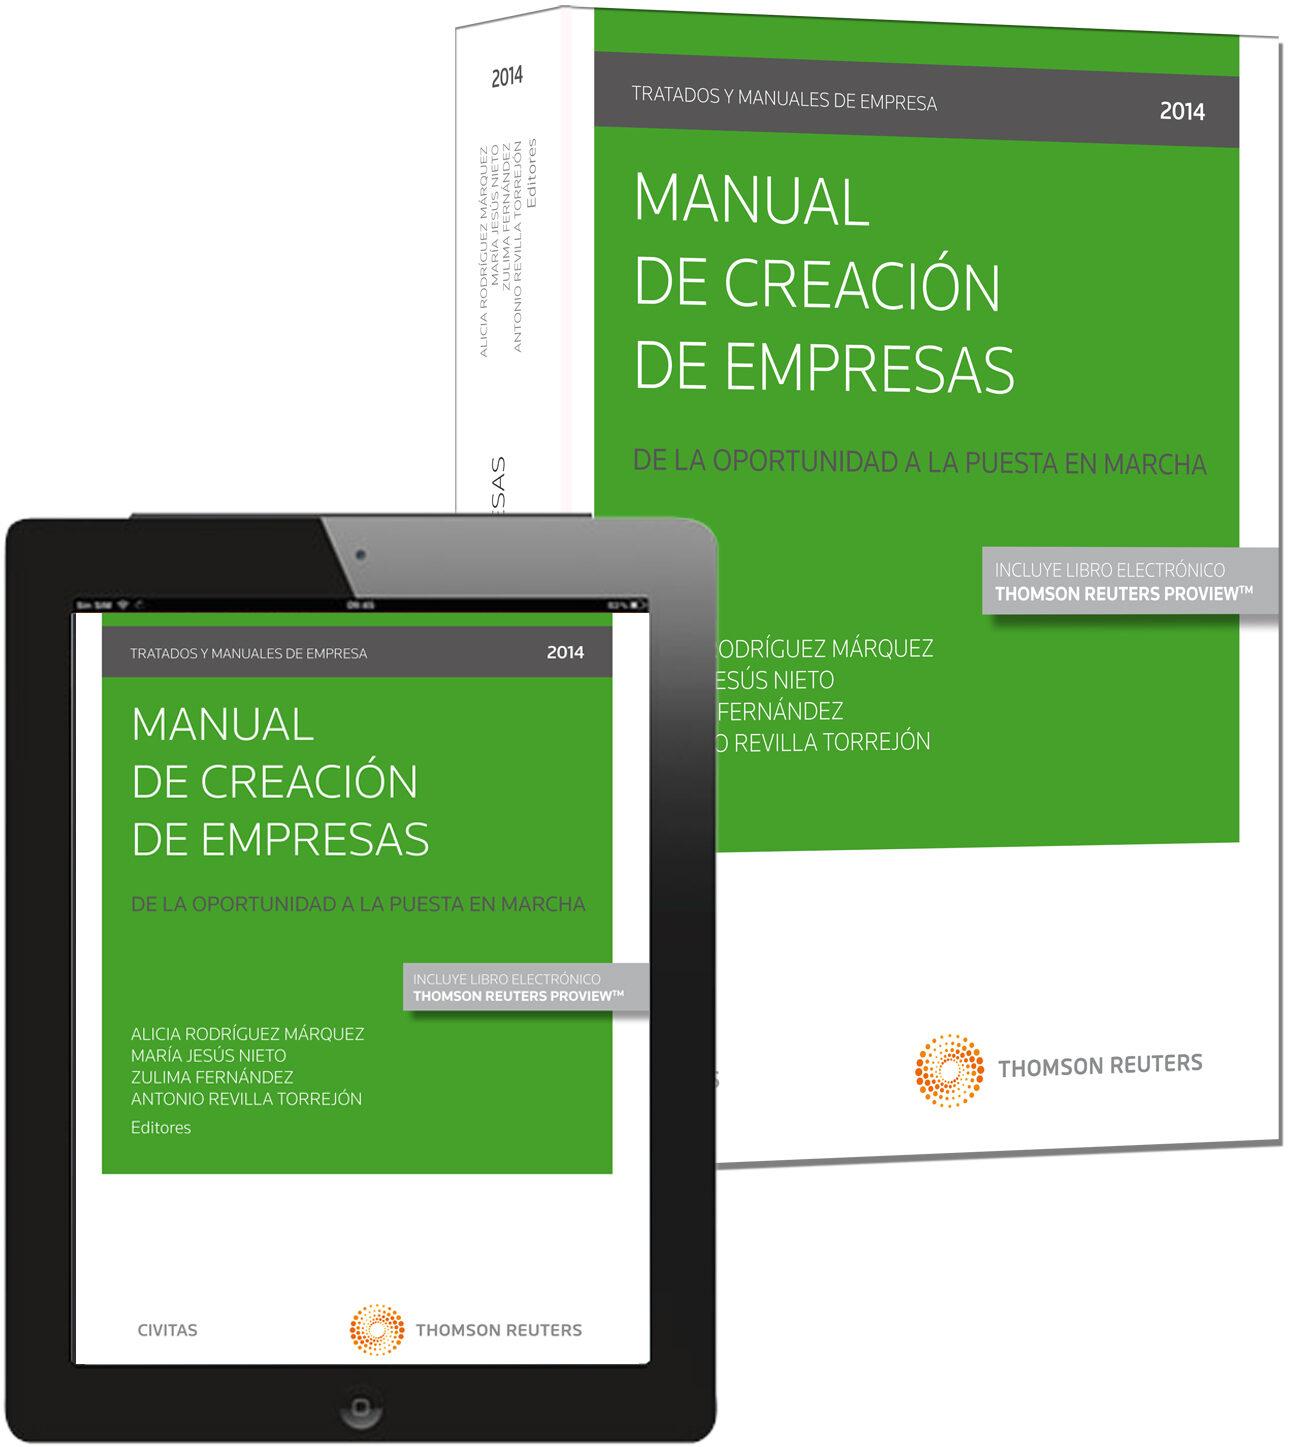 Manual De Creación De Empresas. De La Oportunidad A La Puesta En Marcha por Alicia Rodríguez Márquez